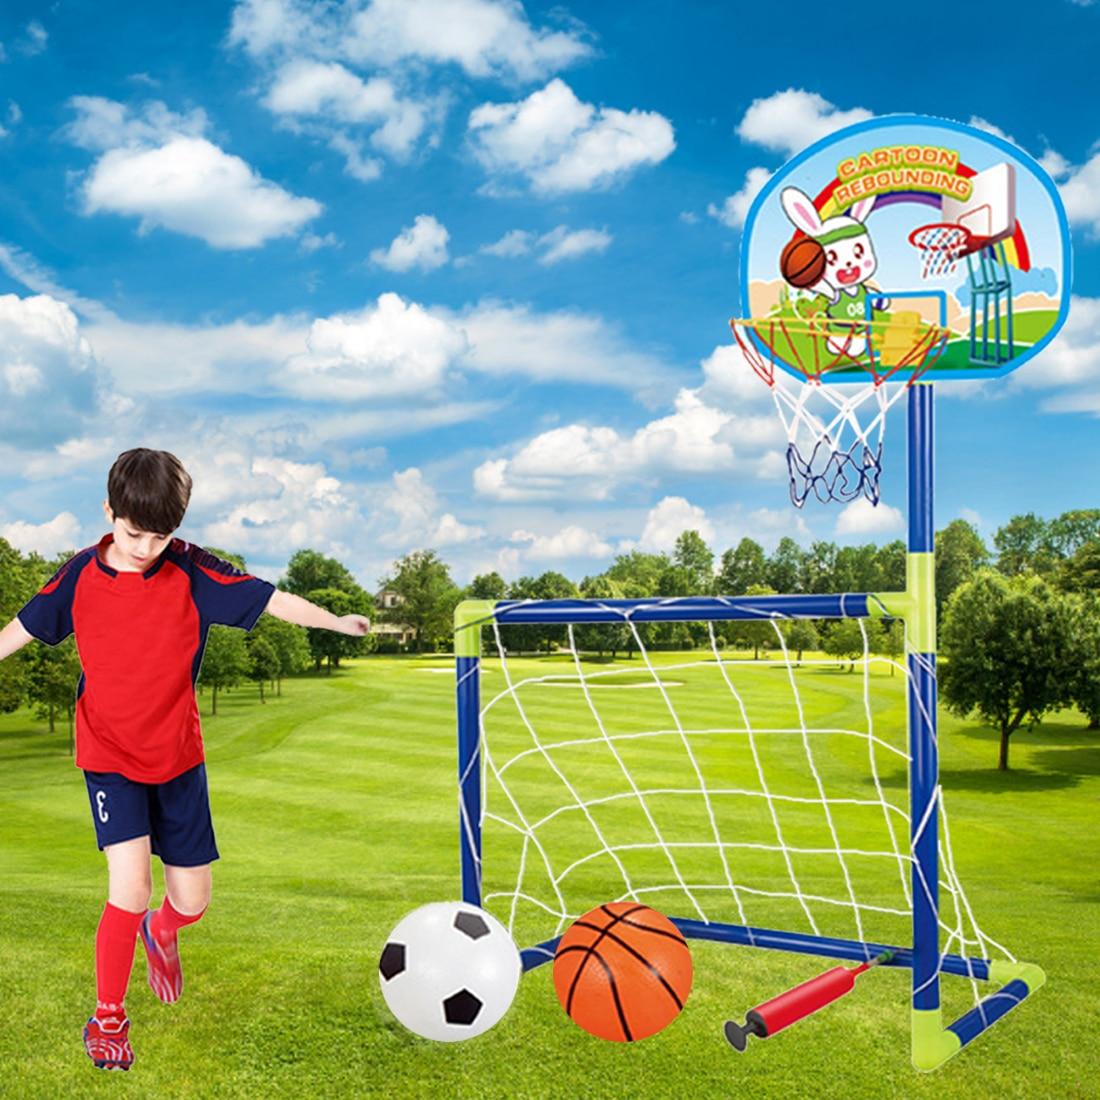 Surwish 2018 Sport Estivi Portatile Pieghevole Kit Calcio-In-1 Bambini Basket Tabellone Obiettivo di Calcio Formazione Set Giocattolo